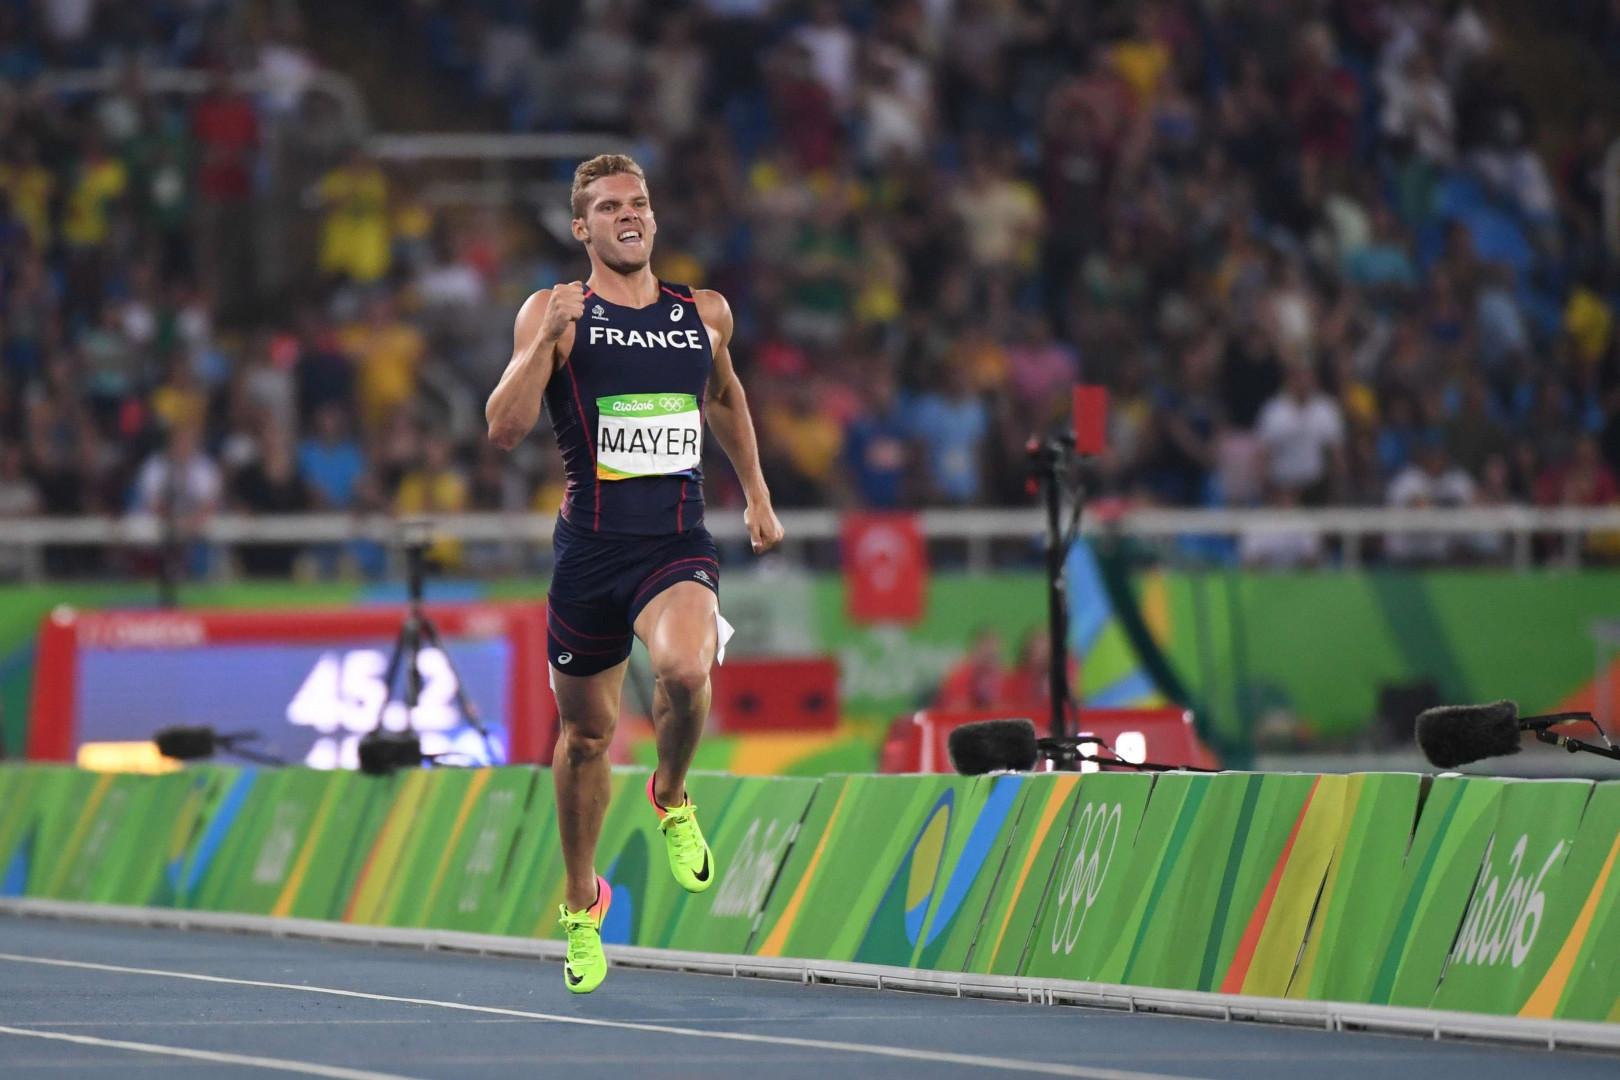 Kévin Mayer en plein effort lors de l'épreuve de 400m du décathlon.